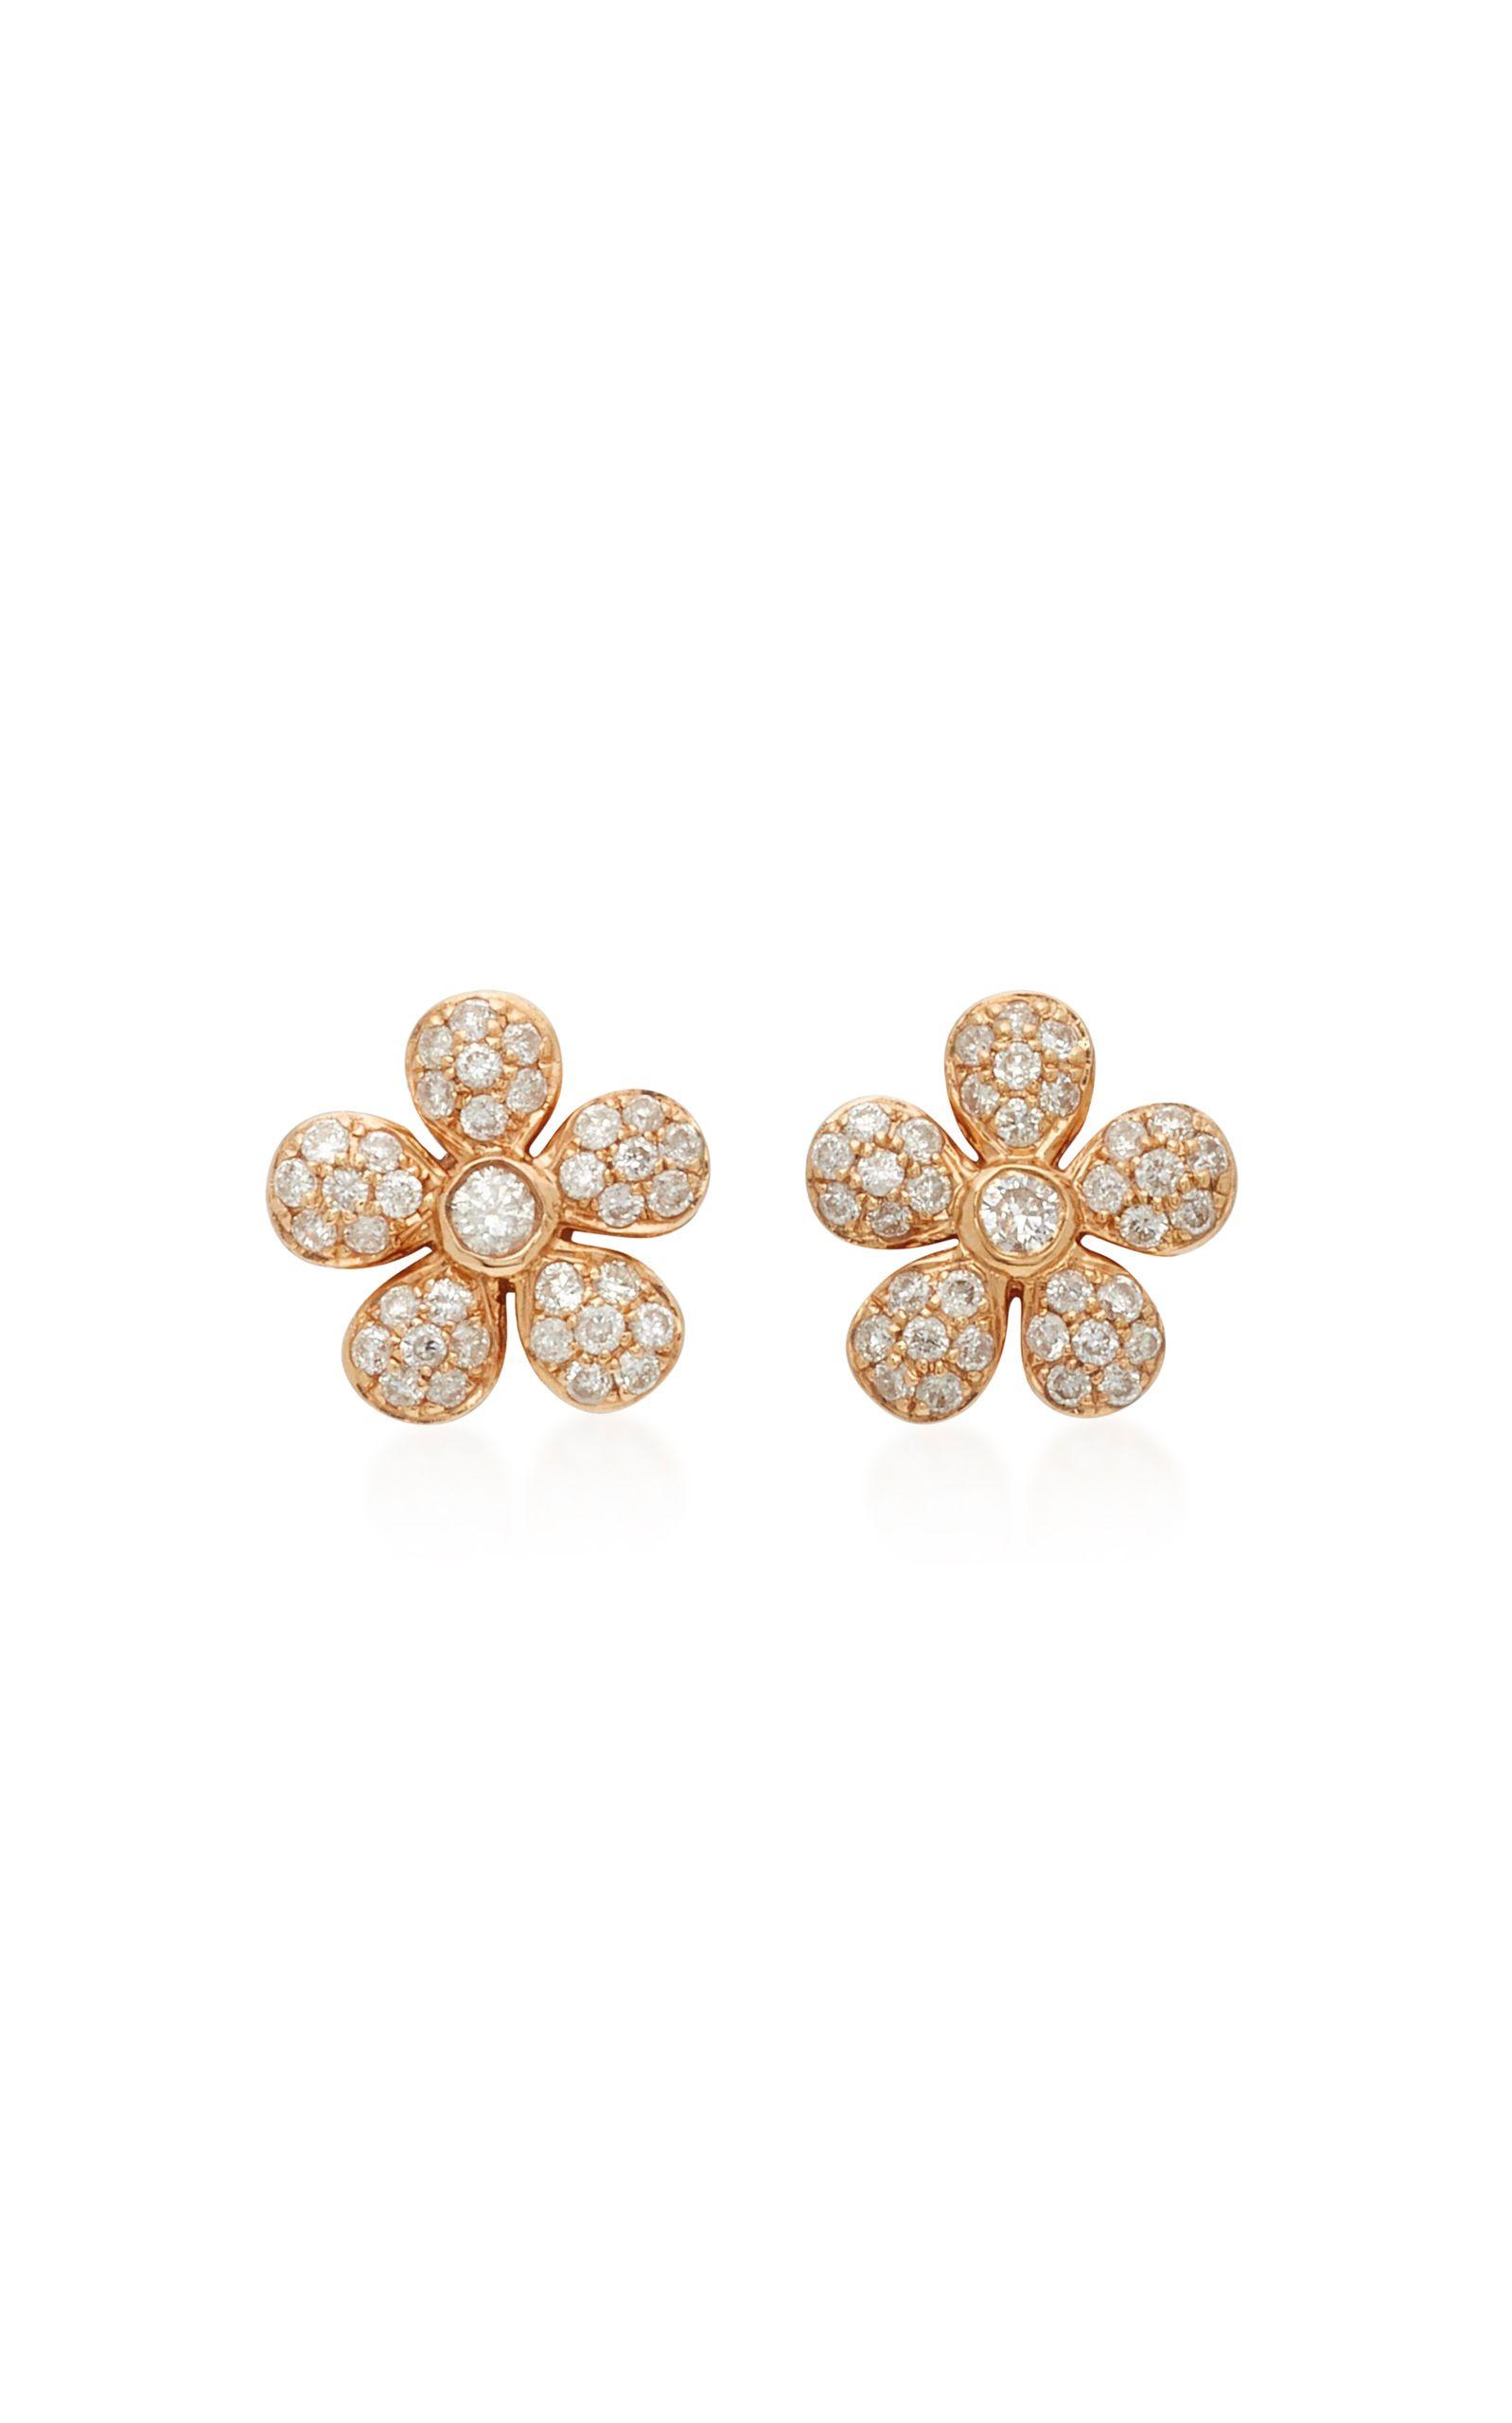 Baby Flower 18k Rose Gold Diamond Earrings Moda Operandi